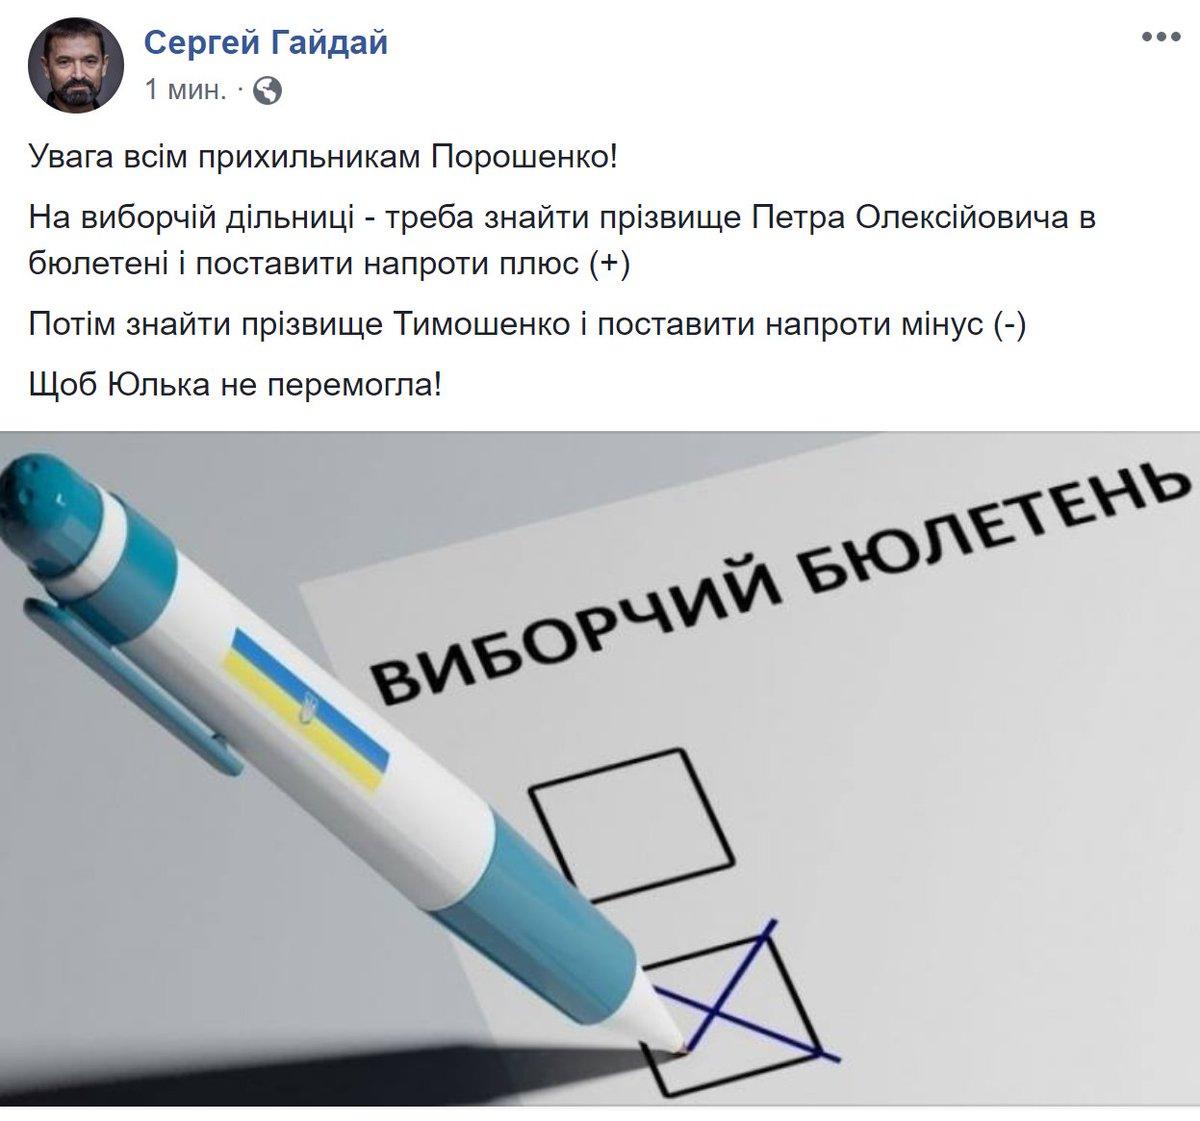 За допомогою онлайн-системи моніторингу кожен зможе стежити за ходом виборів, - Аваков - Цензор.НЕТ 1086